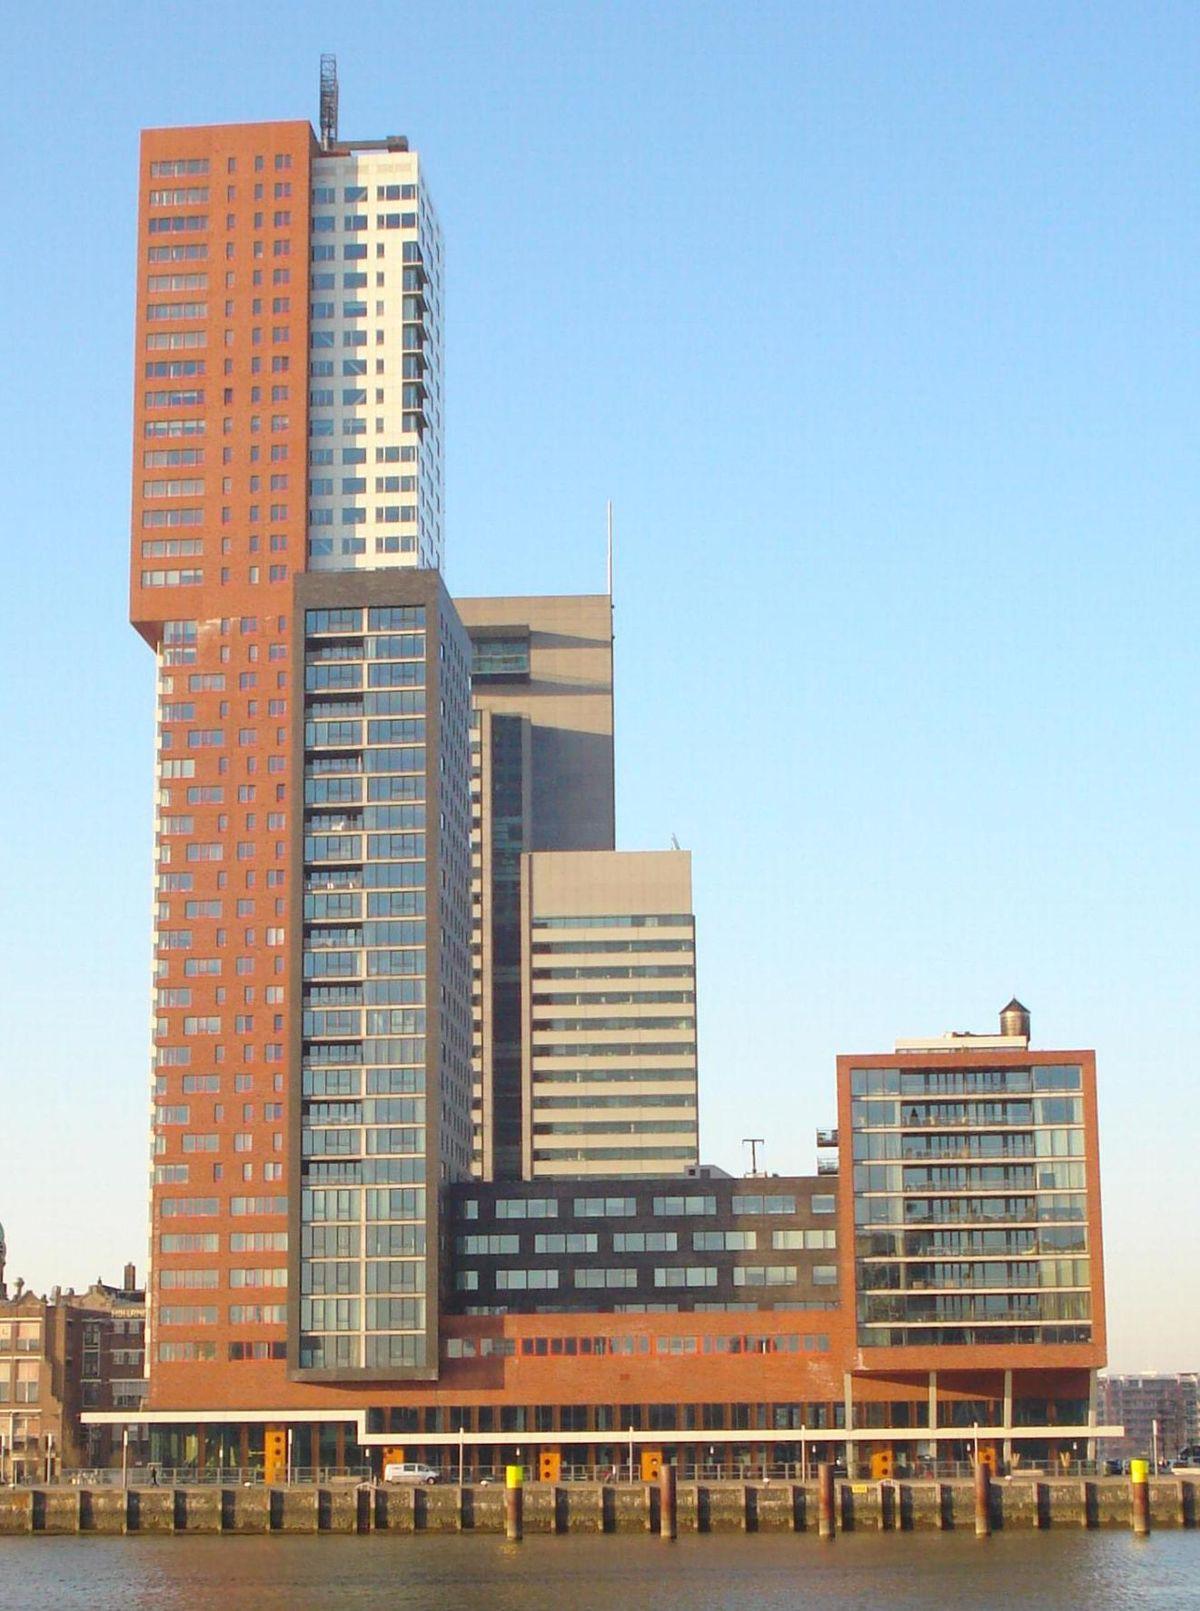 Montevideo rotterdam wikipedia for Nuovi piani domestici di new orleans